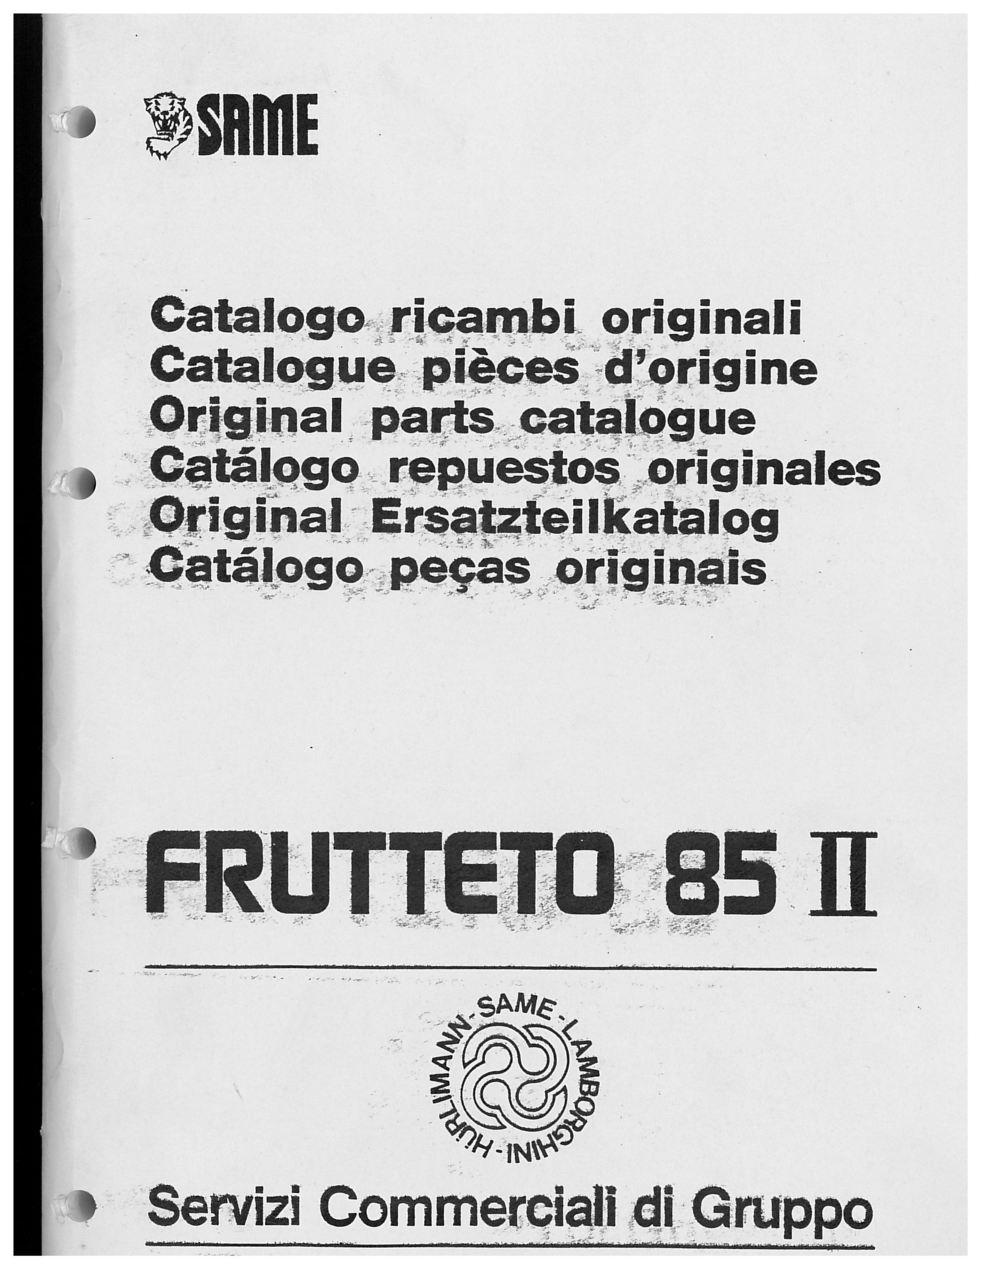 FRUTTETO 85 II - Catalogo ricambi originali / Catalogue pièces d'origine / Original parts catalogue / Catálogo repuestos originales / Original Ersatzteilkatalog / Catálogo peças originais